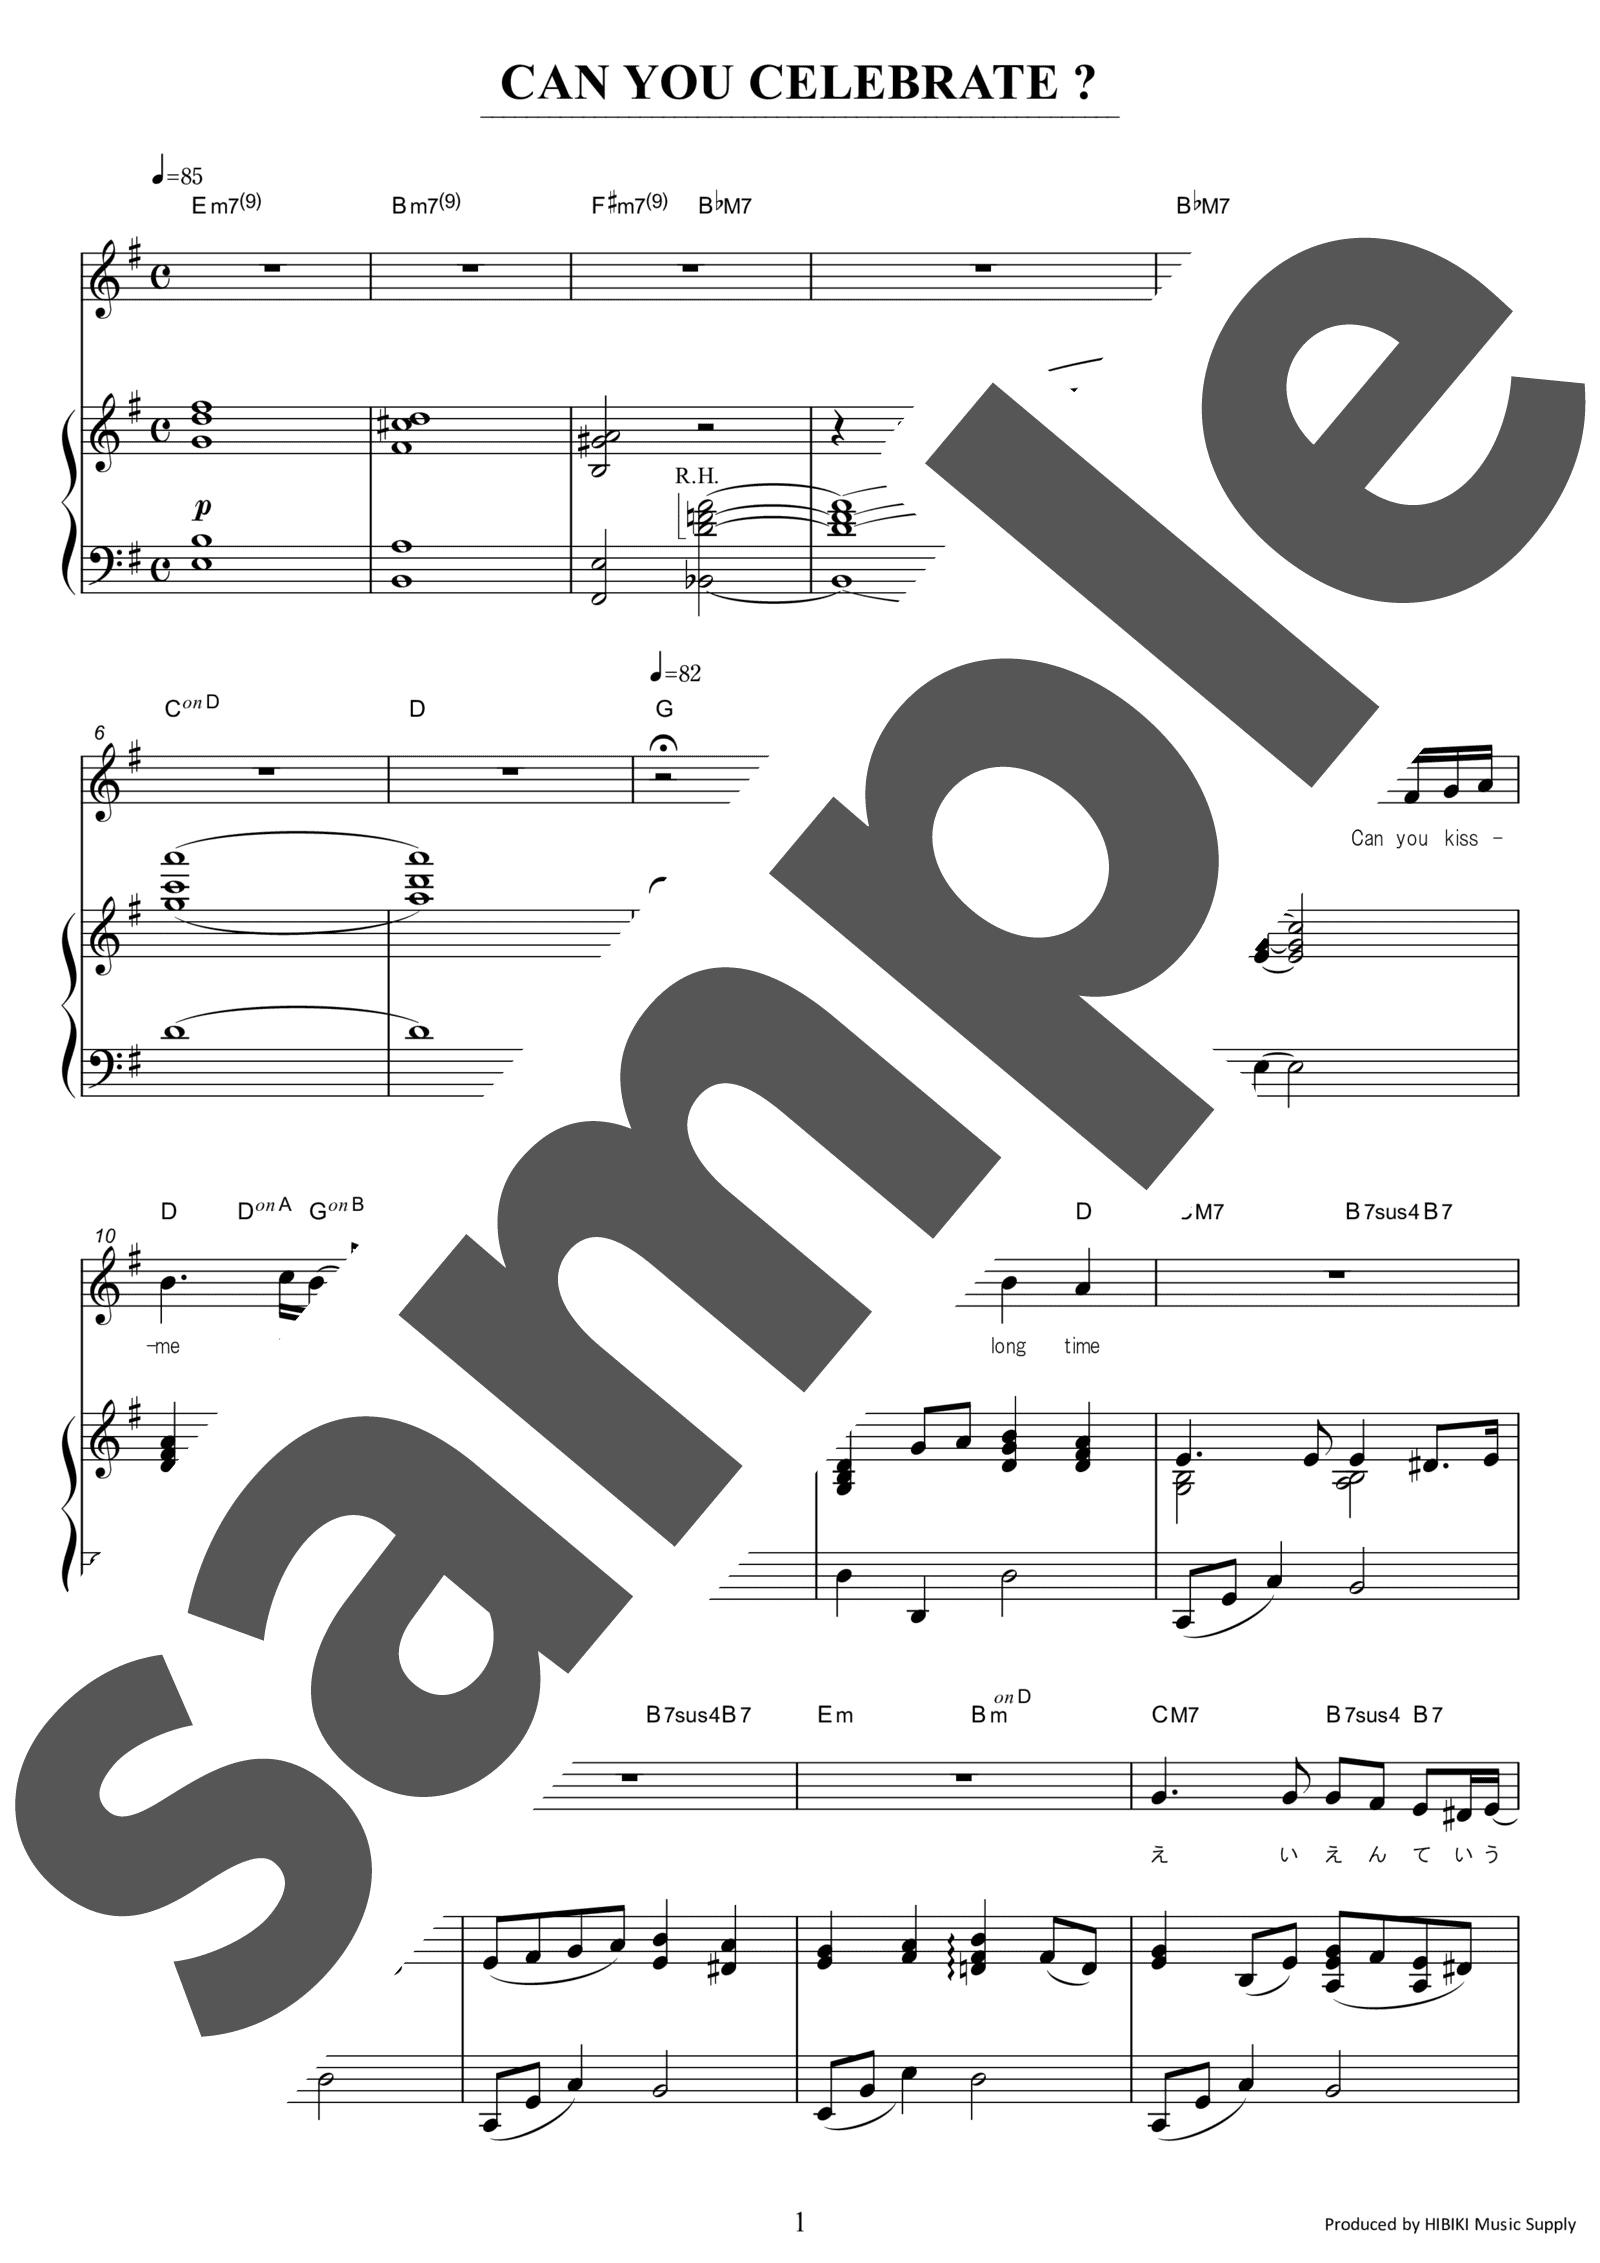 「CAN YOU CELEBRATE?」のサンプル楽譜